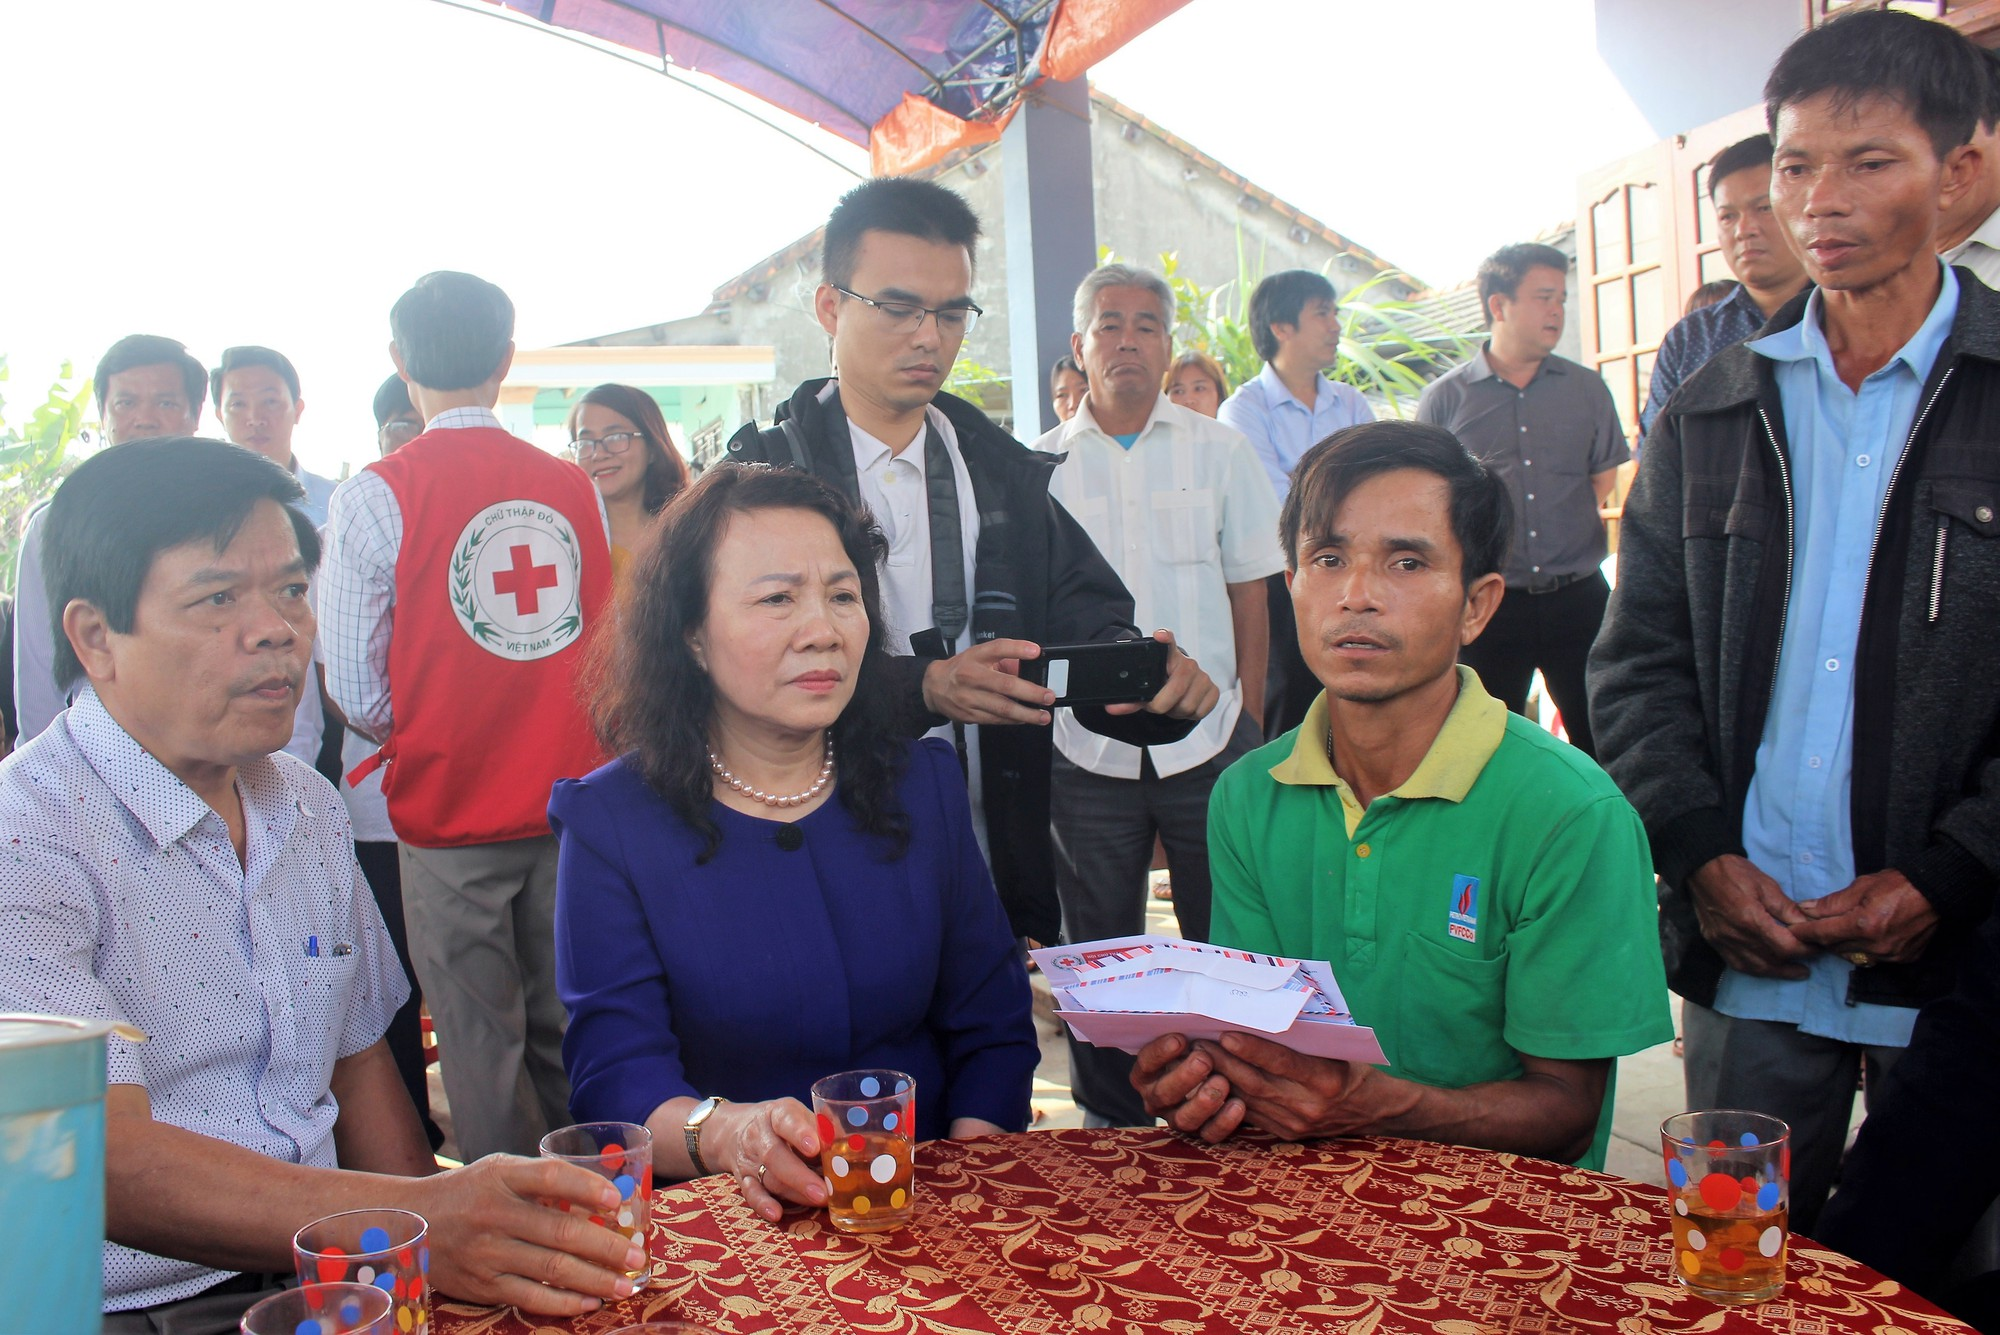 Thứ trưởng Bộ GD-ĐT thăm hỏi và gửi lời chia buồn đến gia đình 6 học sinh chết đuối ngày Tết ở Quảng Nam - Ảnh 1.